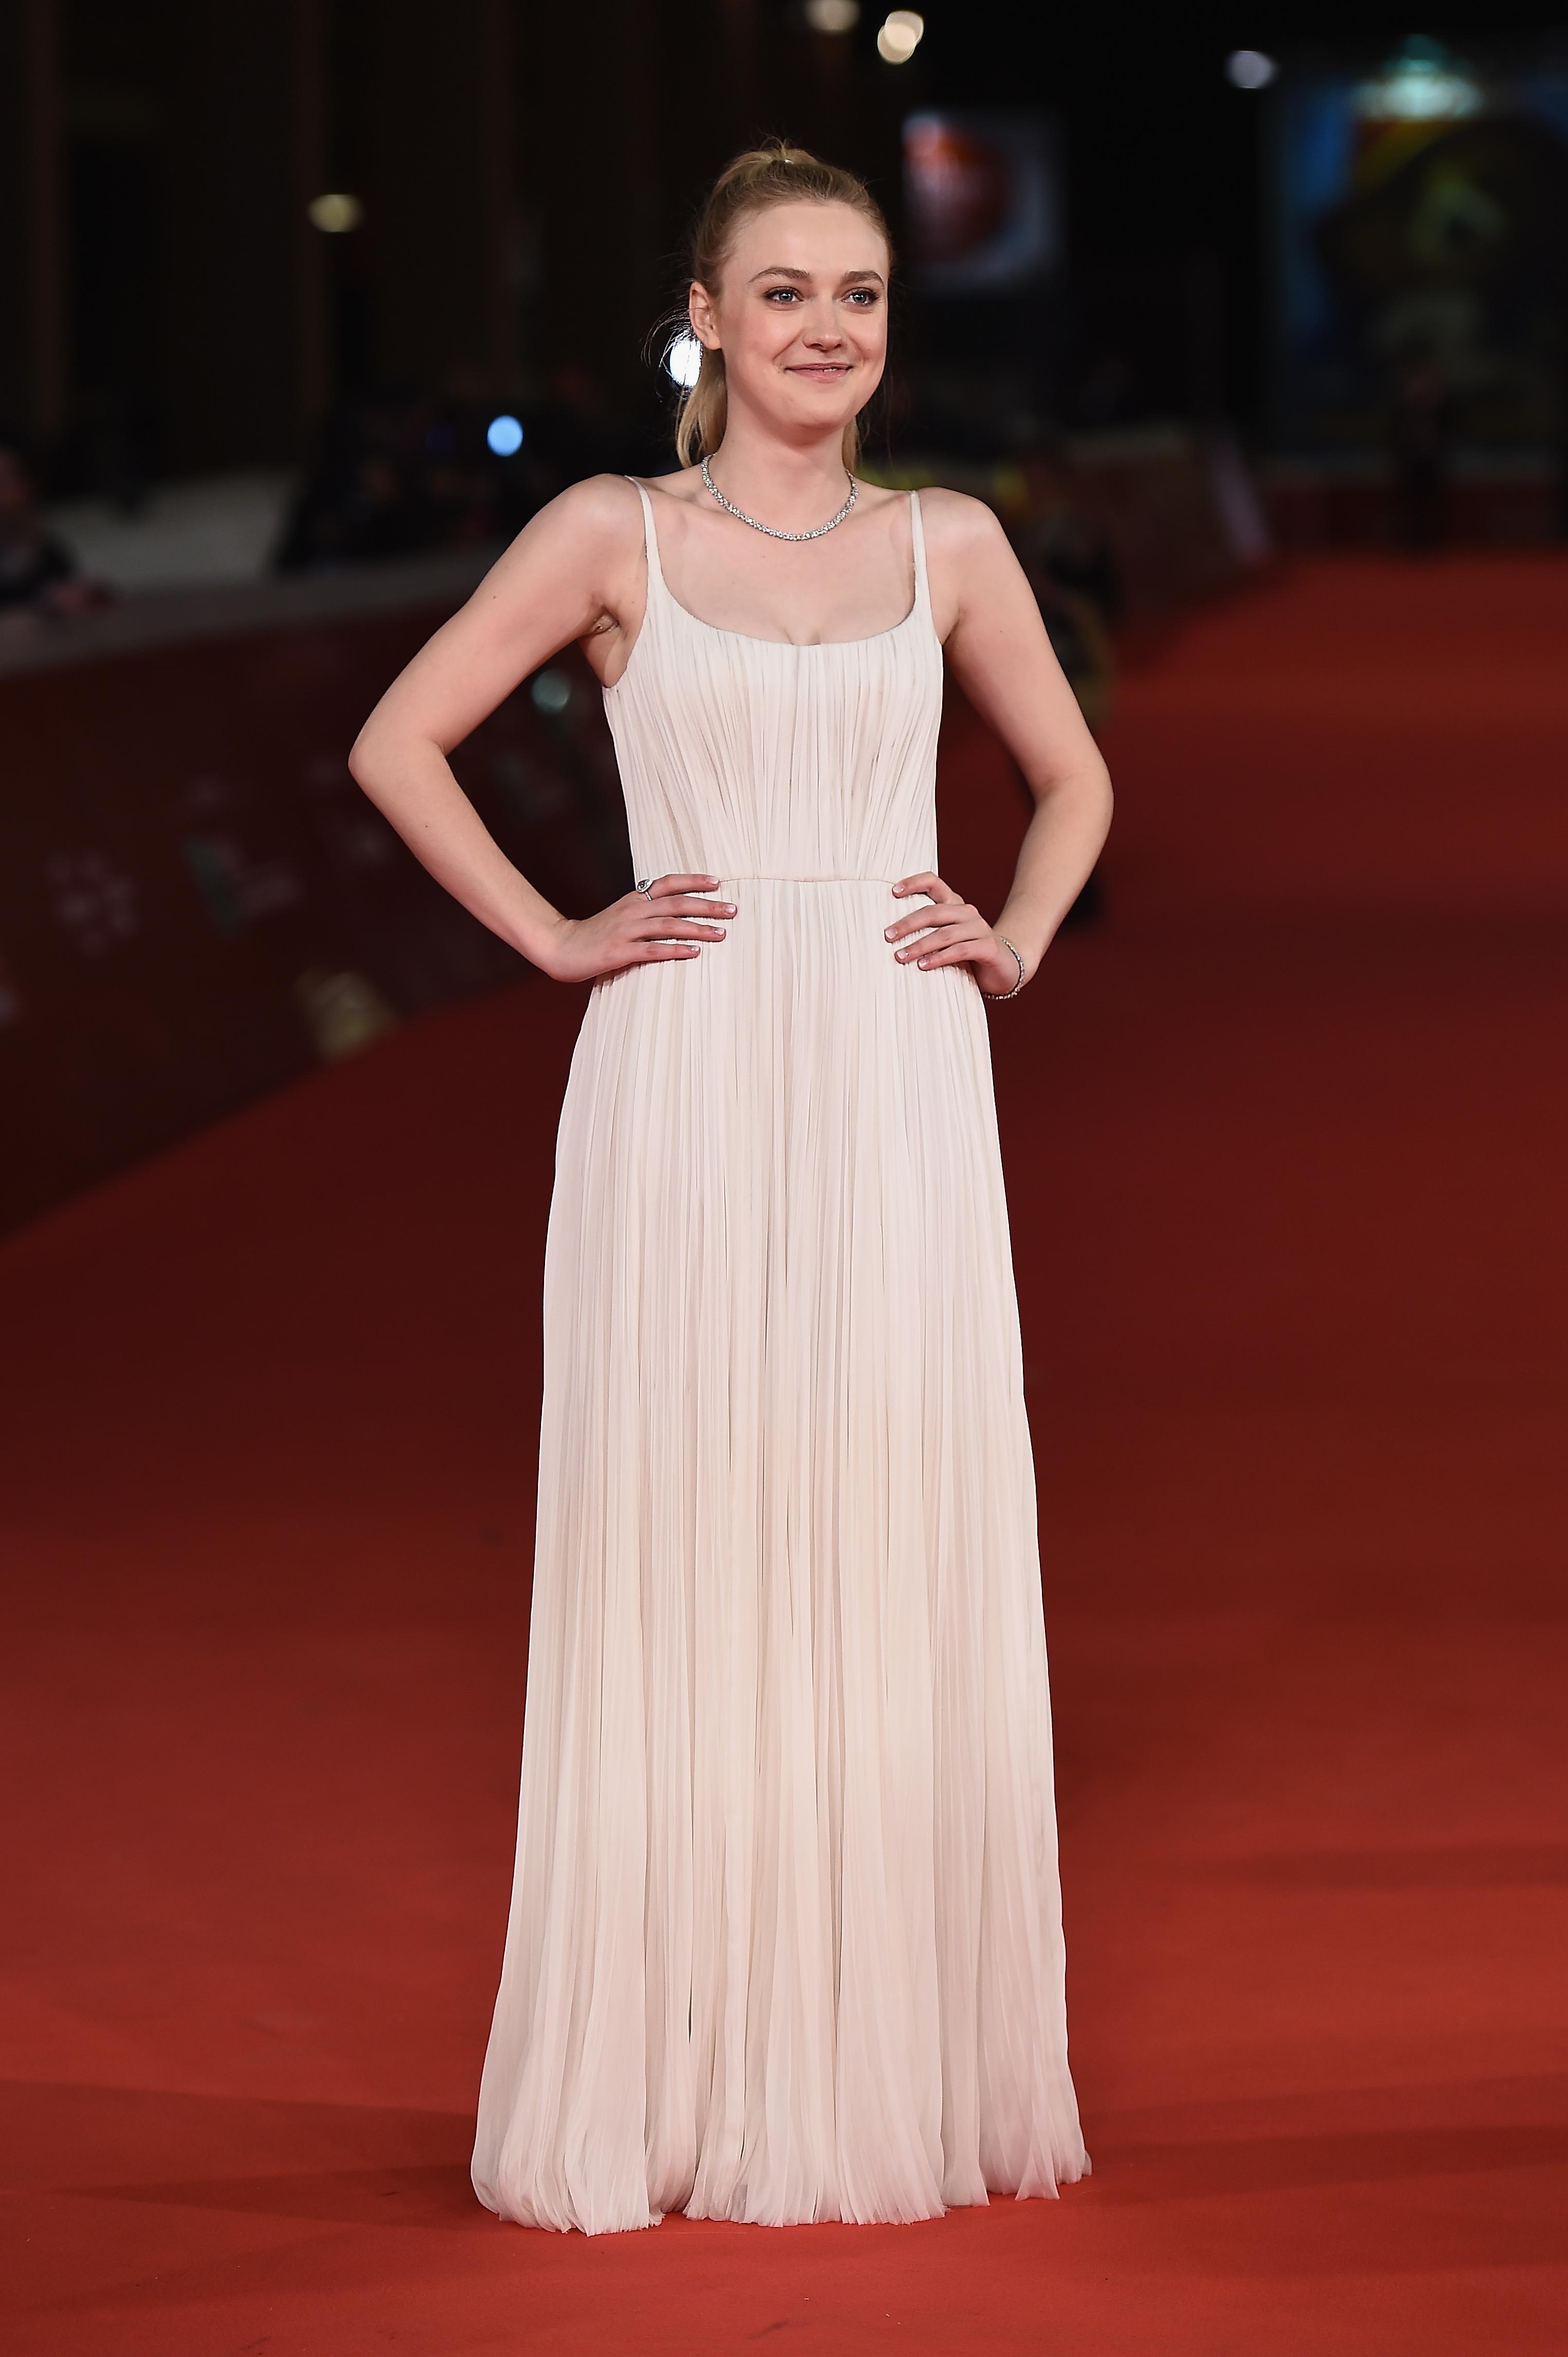 Dakota Fanning, estilo, style, looks